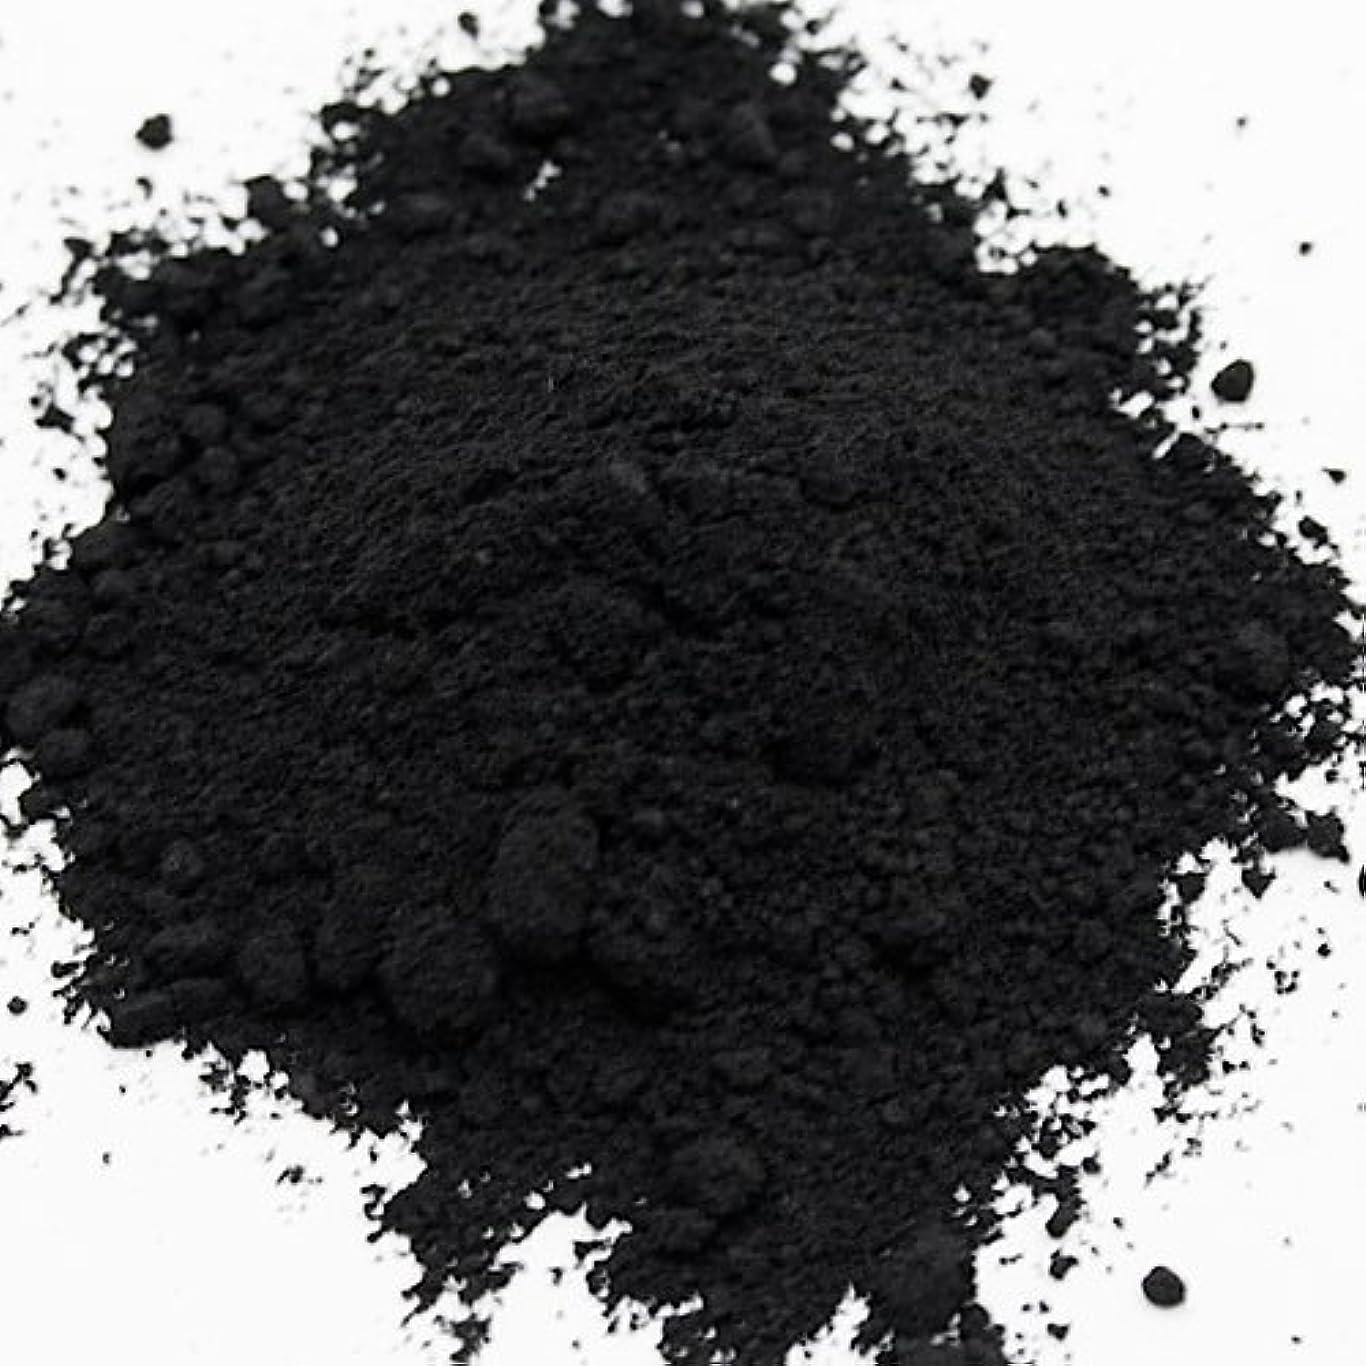 汚い種をまくボーカル酸化鉄 ブラック 20g 【手作り石鹸/手作りコスメ/色付け/カラーラント/黒】